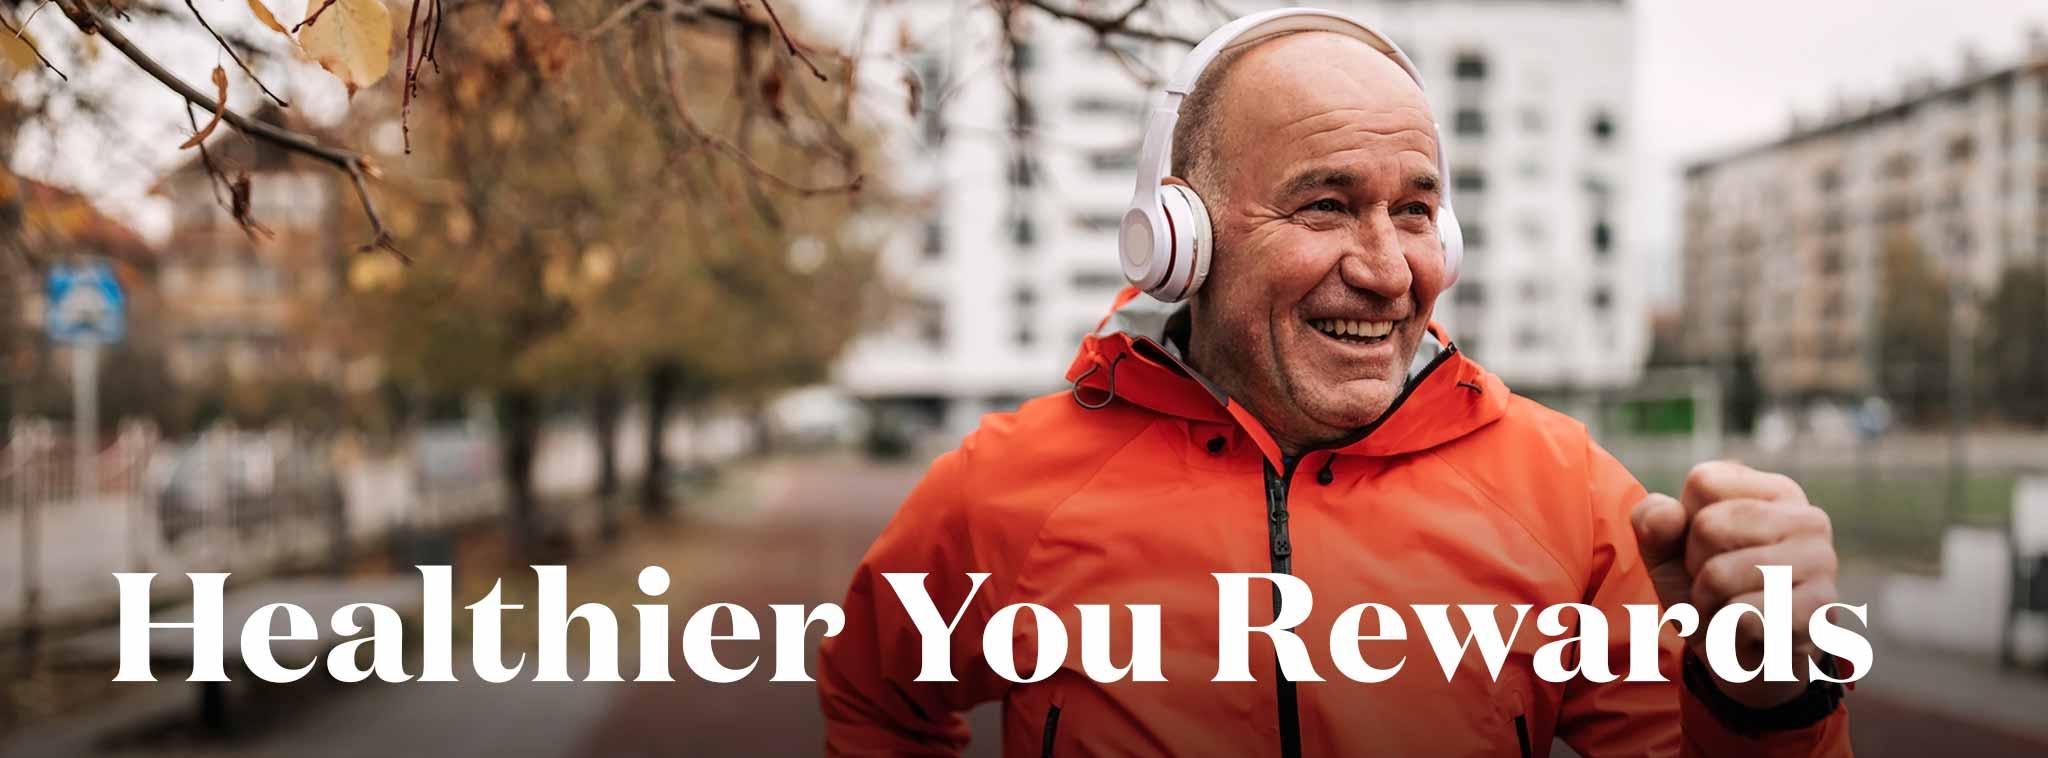 Healthier You Rewards